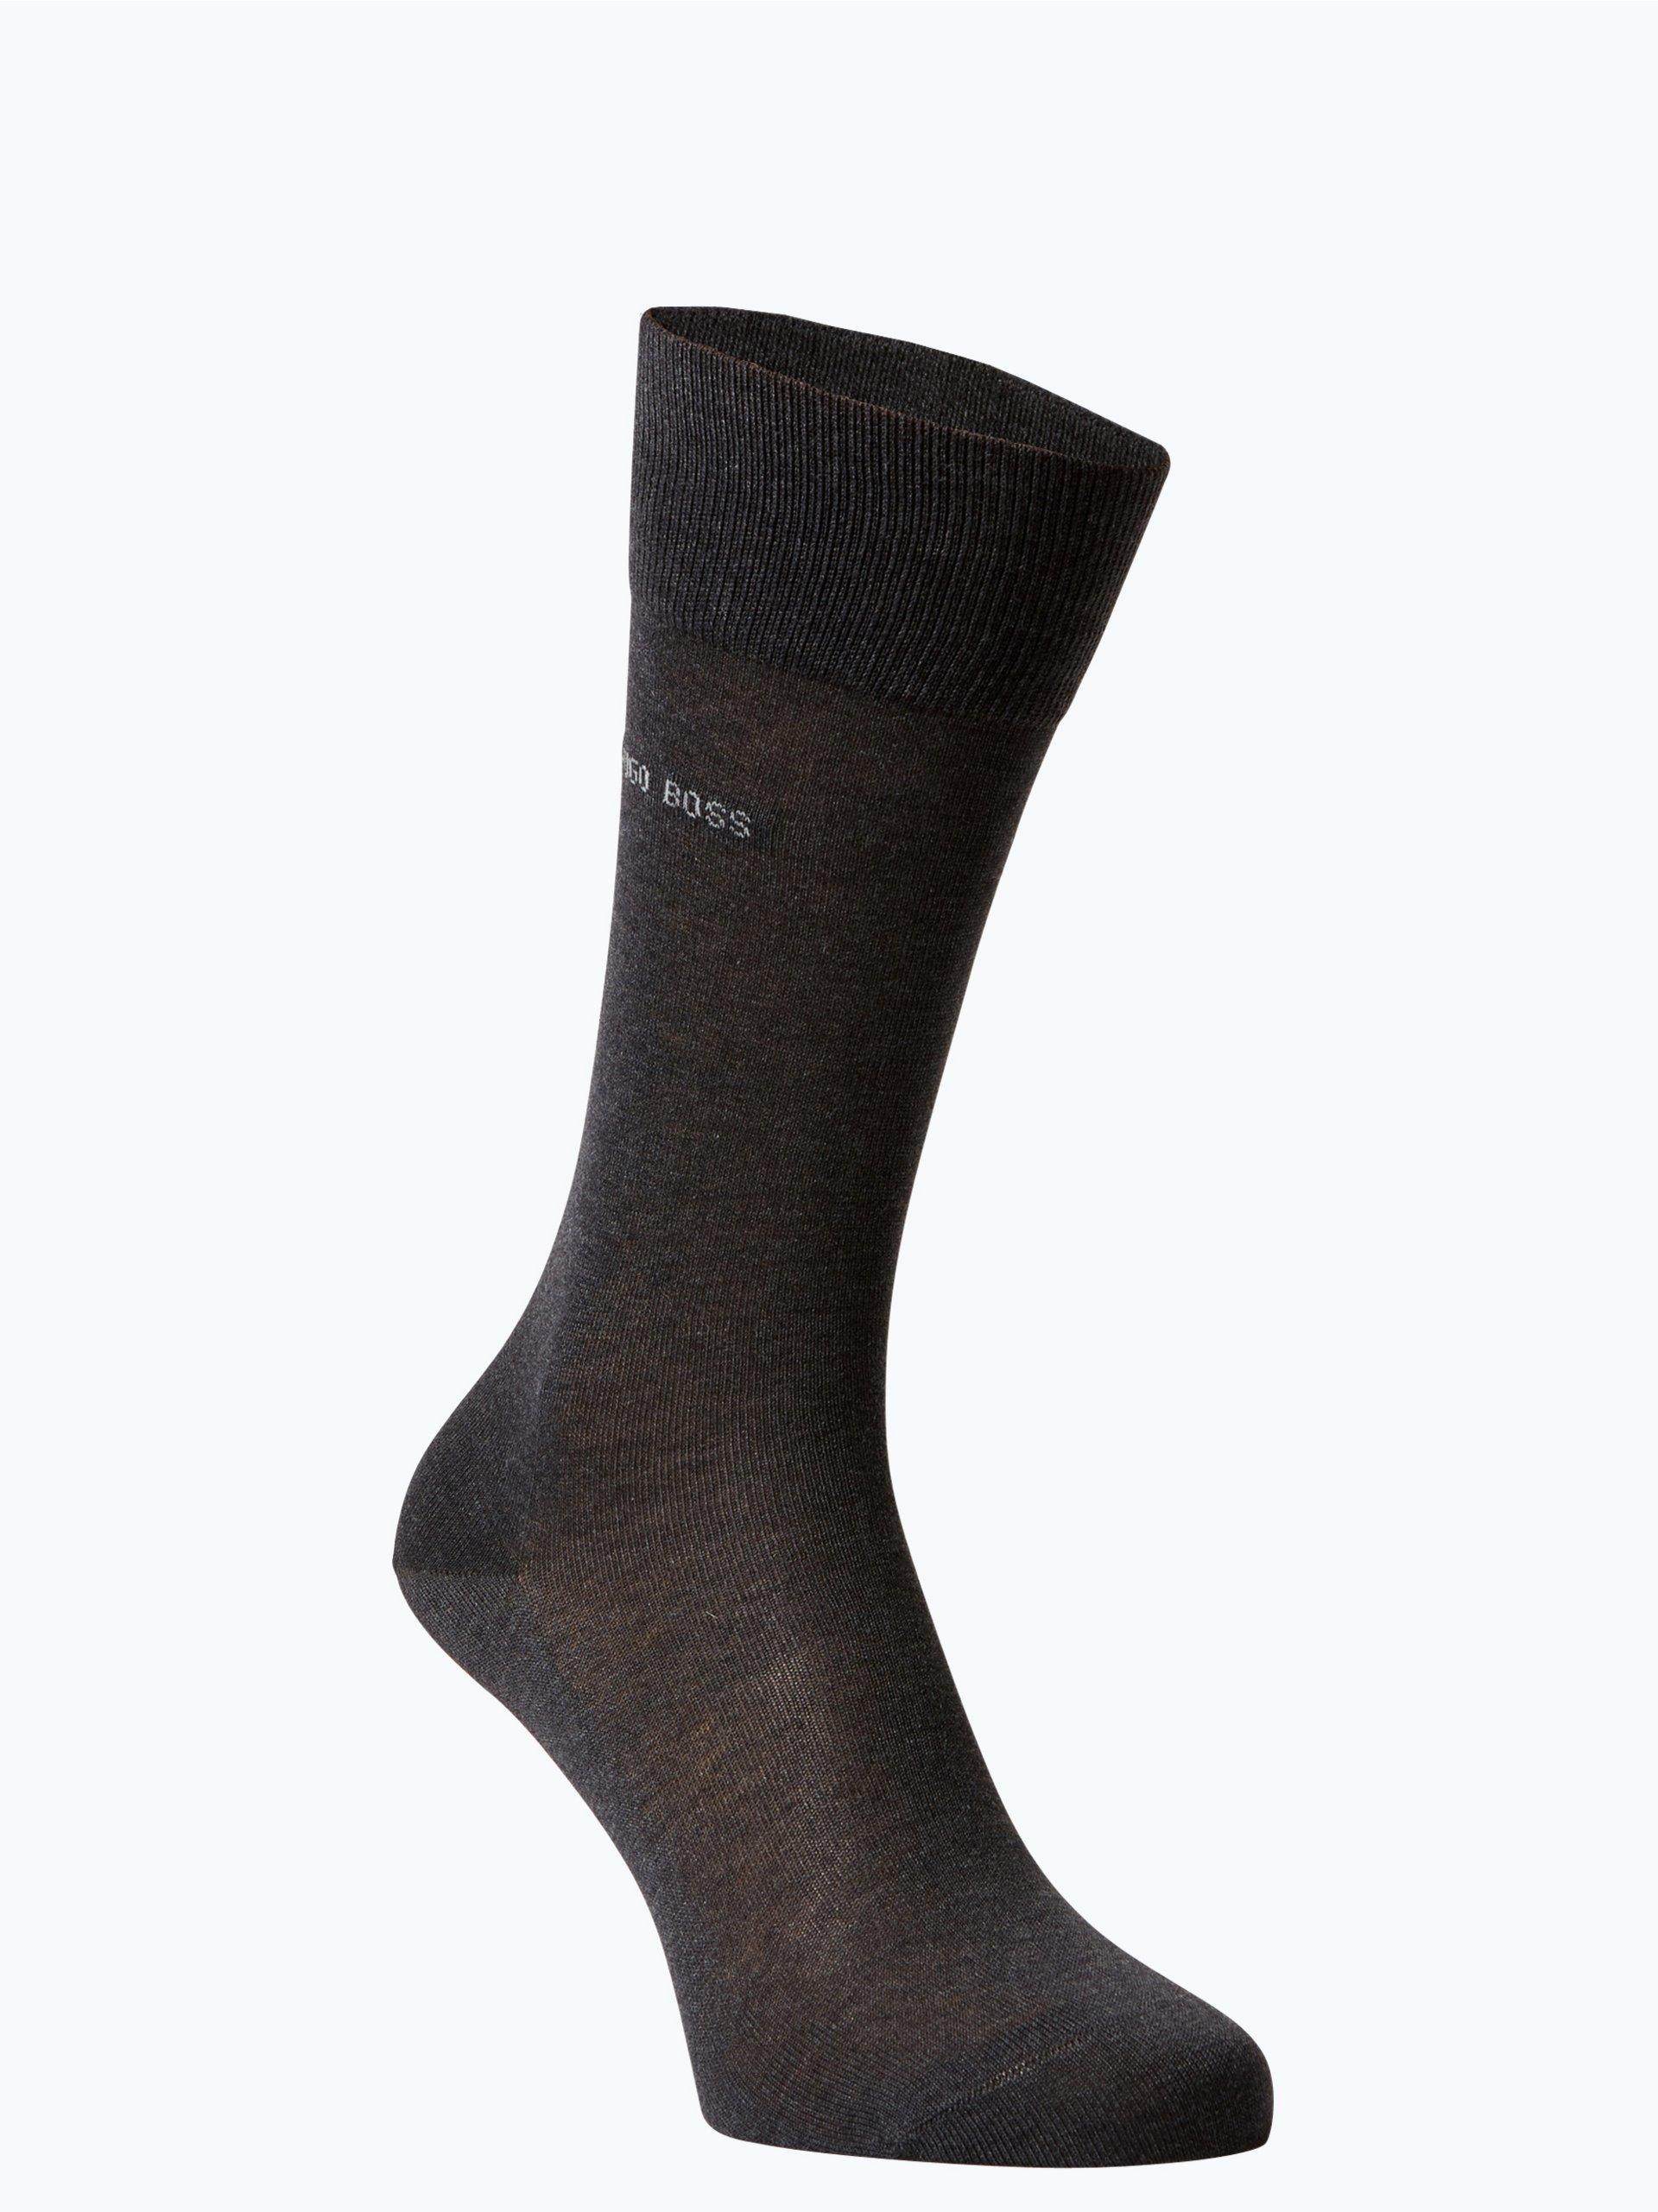 BOSS Herren Socken - George